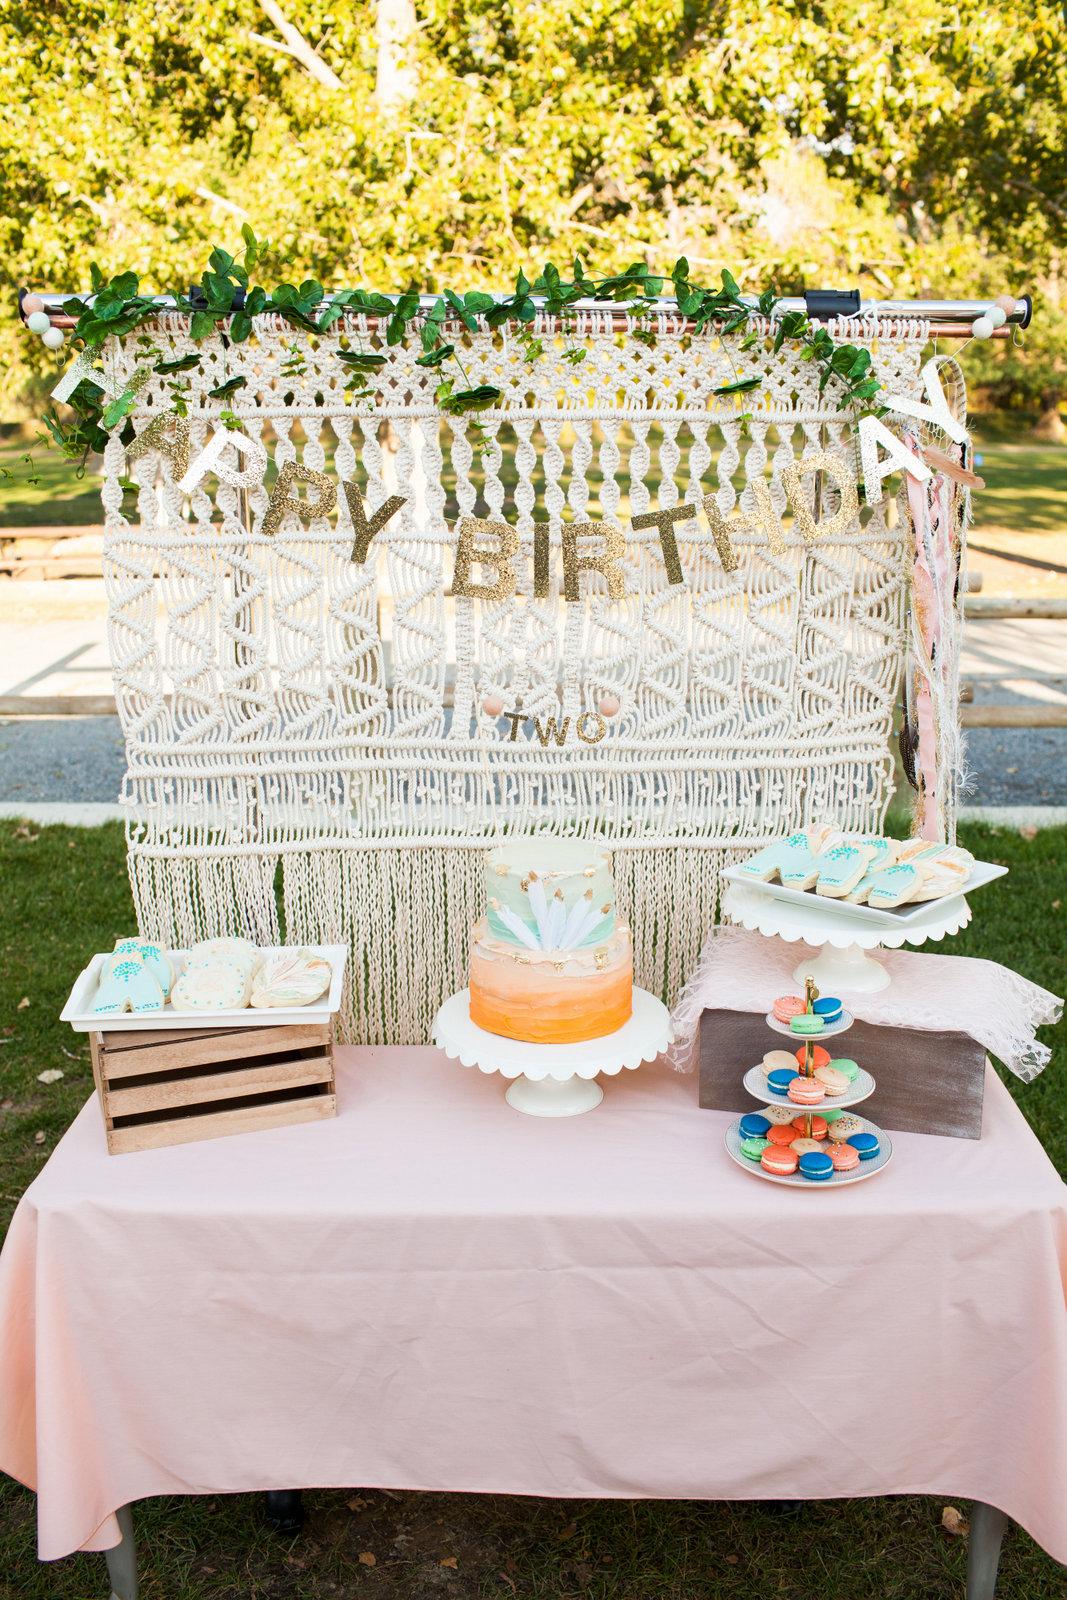 Boho birthday bash - Photo by Pierson Photo Company